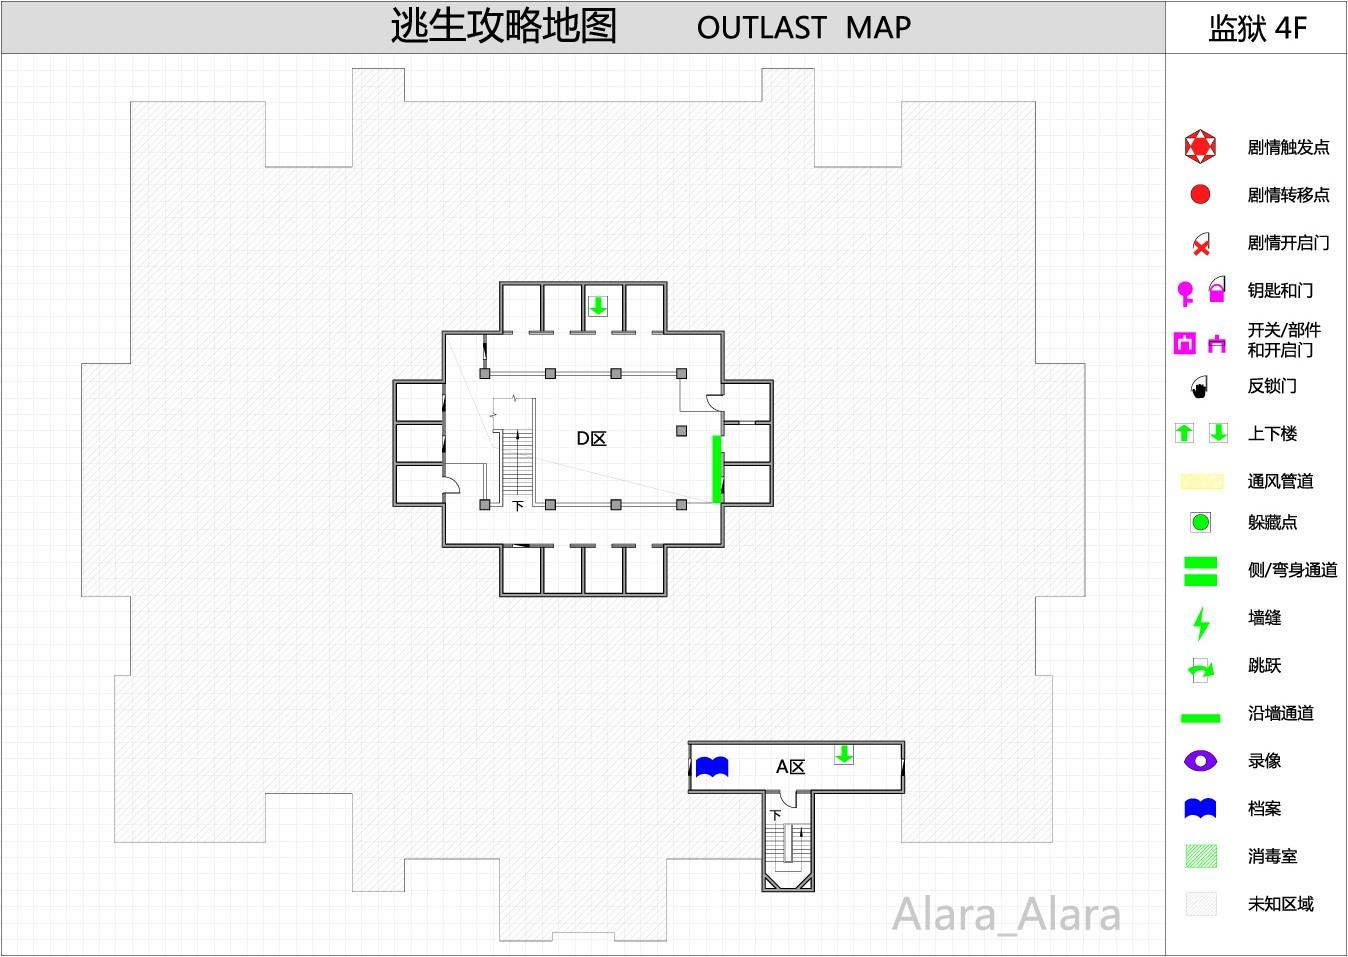 【逃生Outlast】攻略个人关于攻略v攻略地图的公众号名字图片